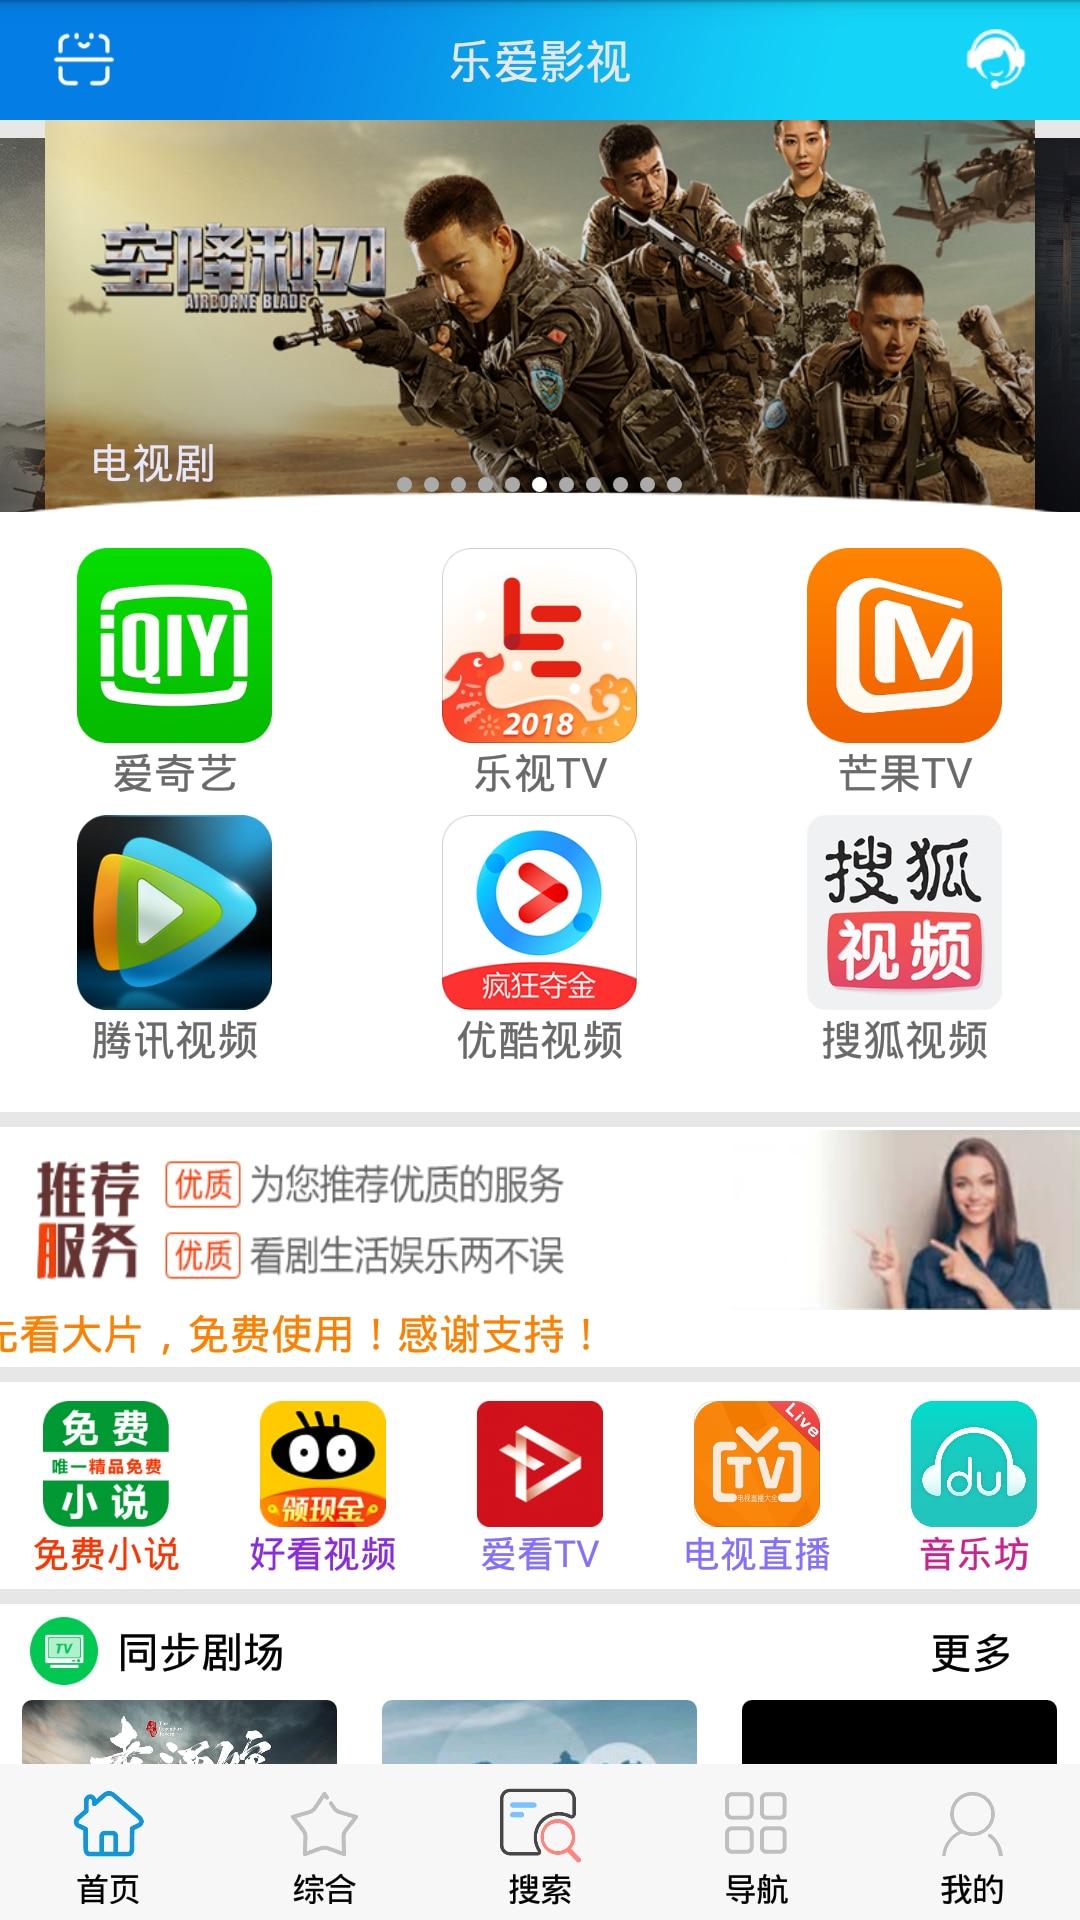 全网影视聚合app:安卓乐爱影视v5.1,可看各大网站视频VIP影视 配图 No.1